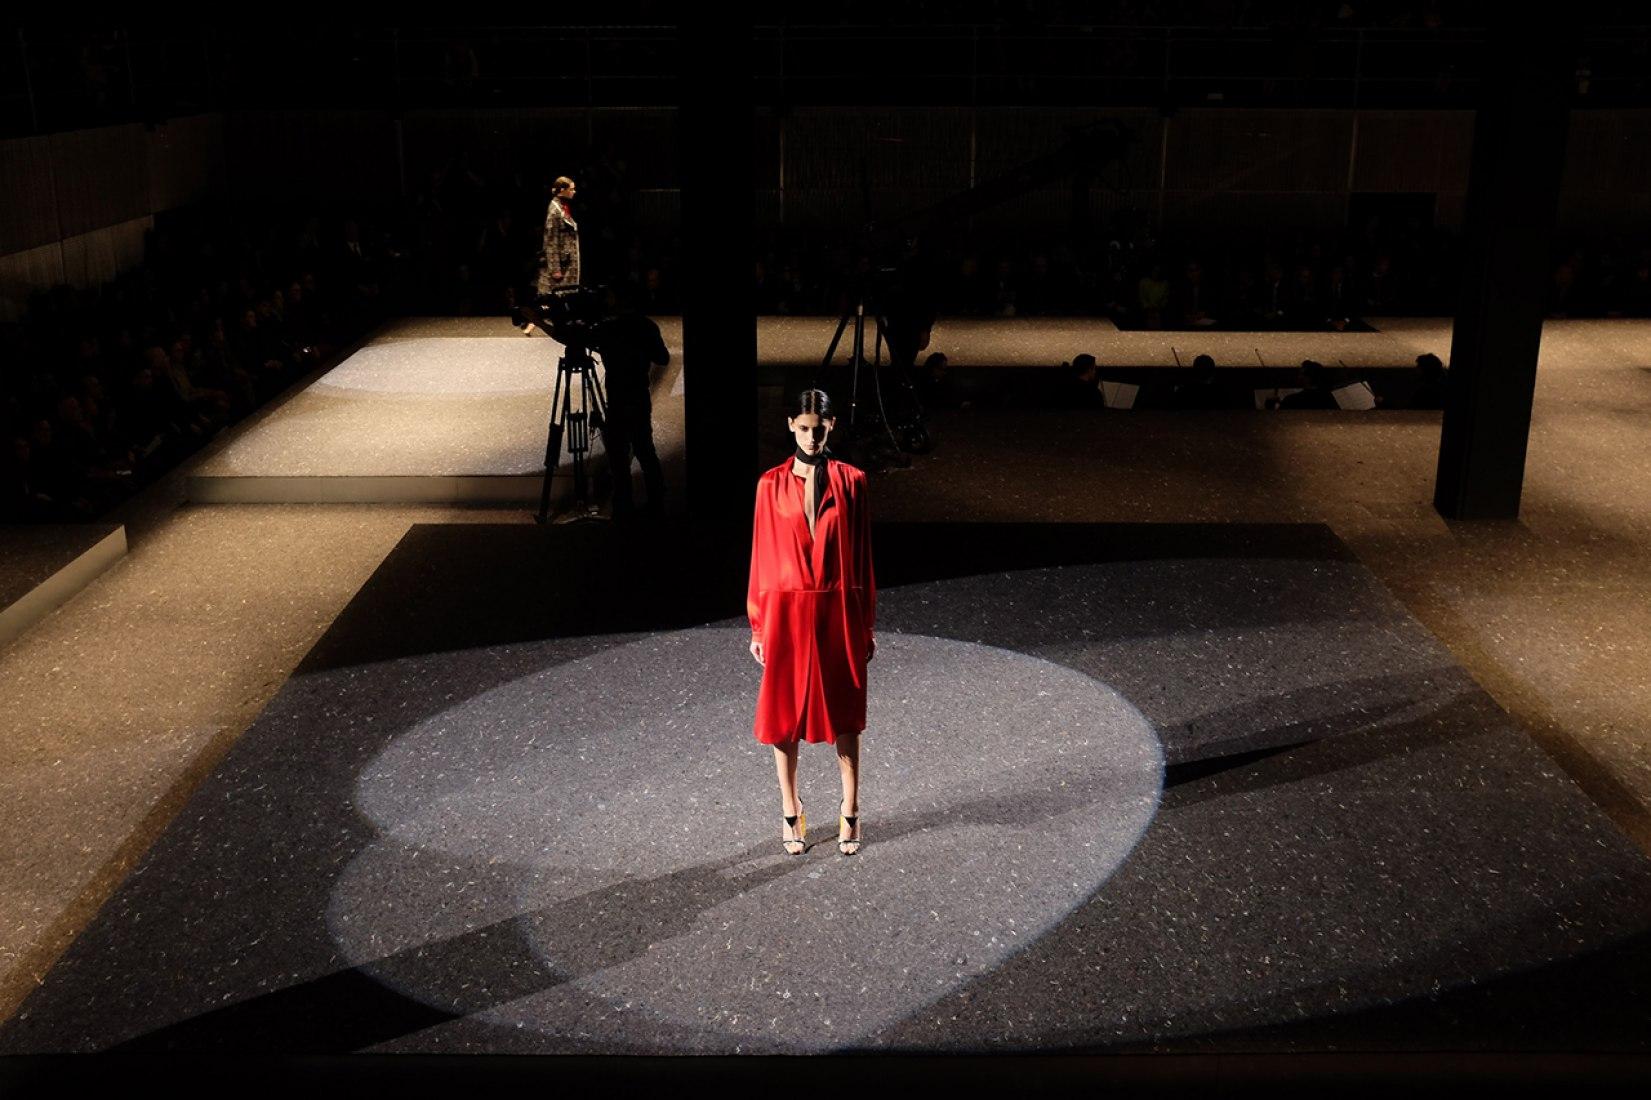 Prada Pasarela Hombre / Mujer SD 2014, Milán, Italia, 2014. Fotografía © Miguel Taborda / OMA.